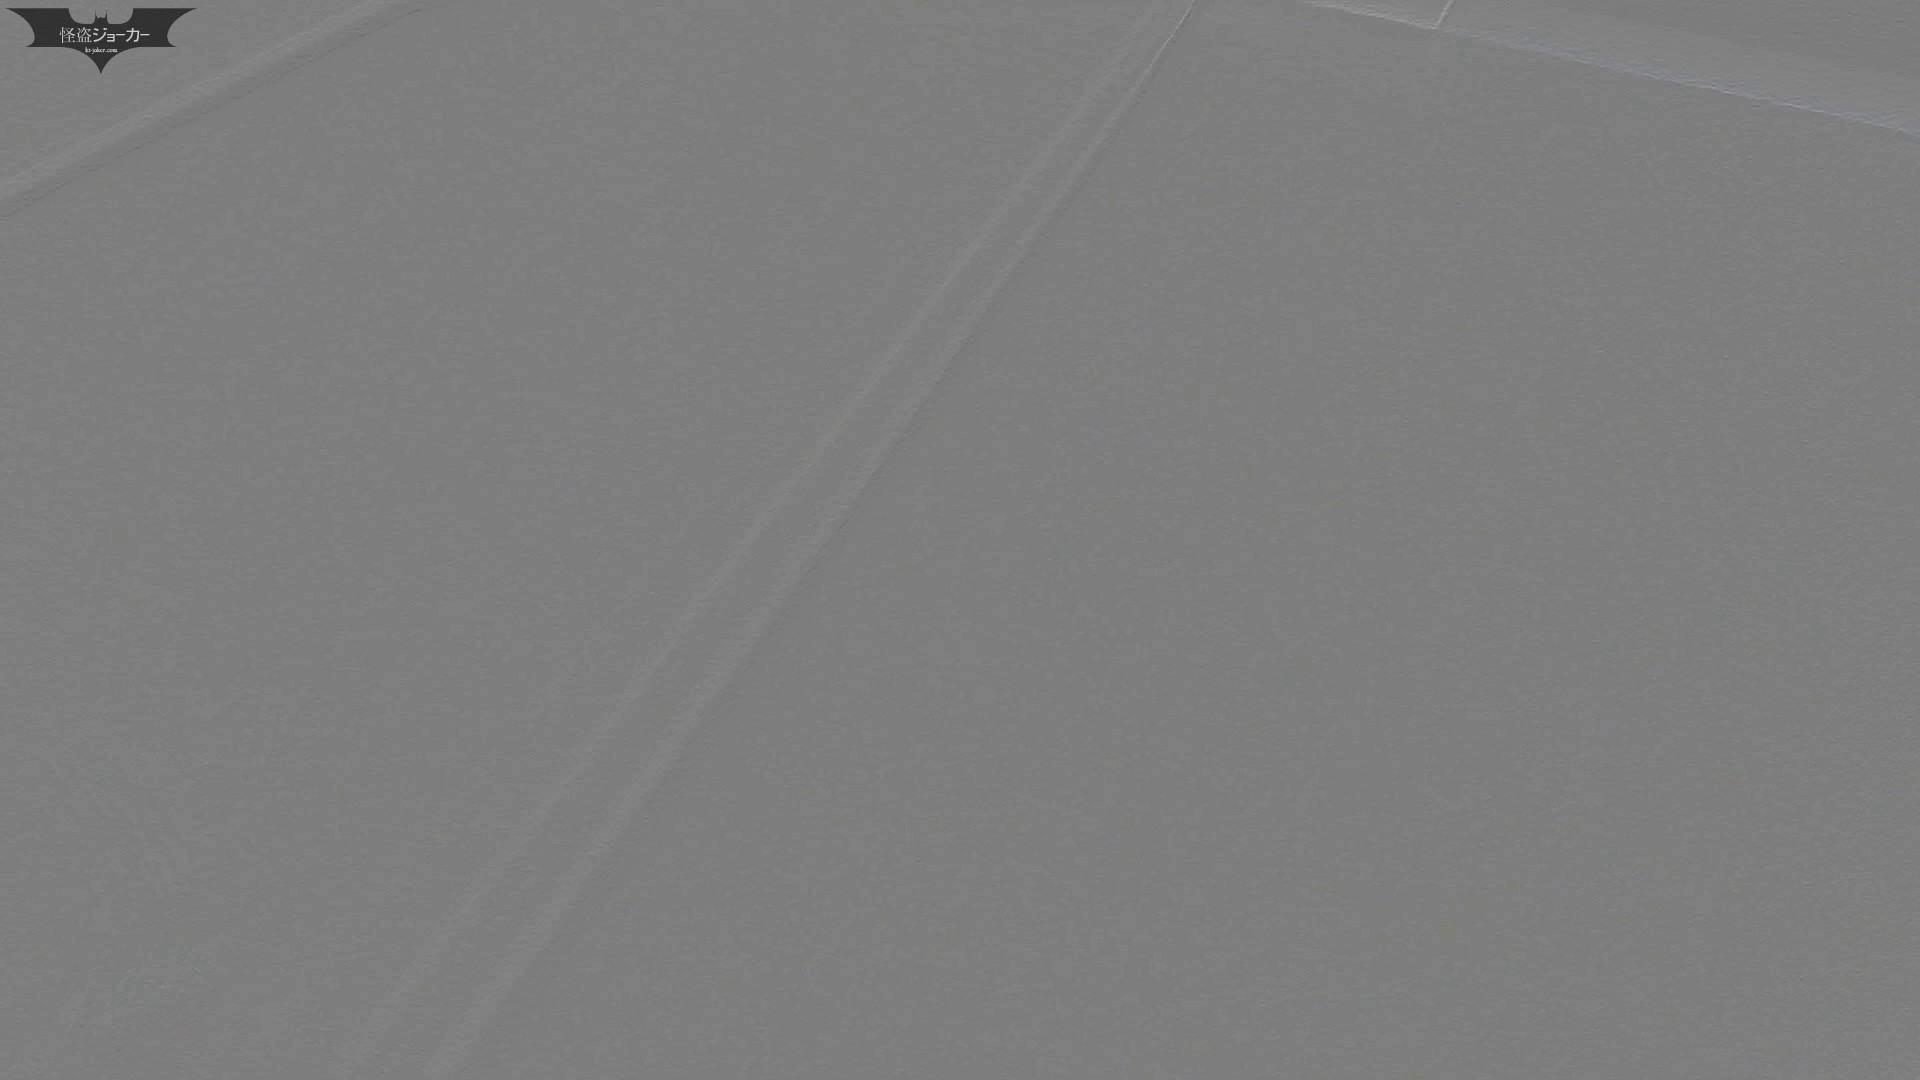 Vol.06 ピチピチが入室きめ細かくマッシュルームのような肌に癒される エッチすぎるOL達 隠し撮りオマンコ動画紹介 46連発 23